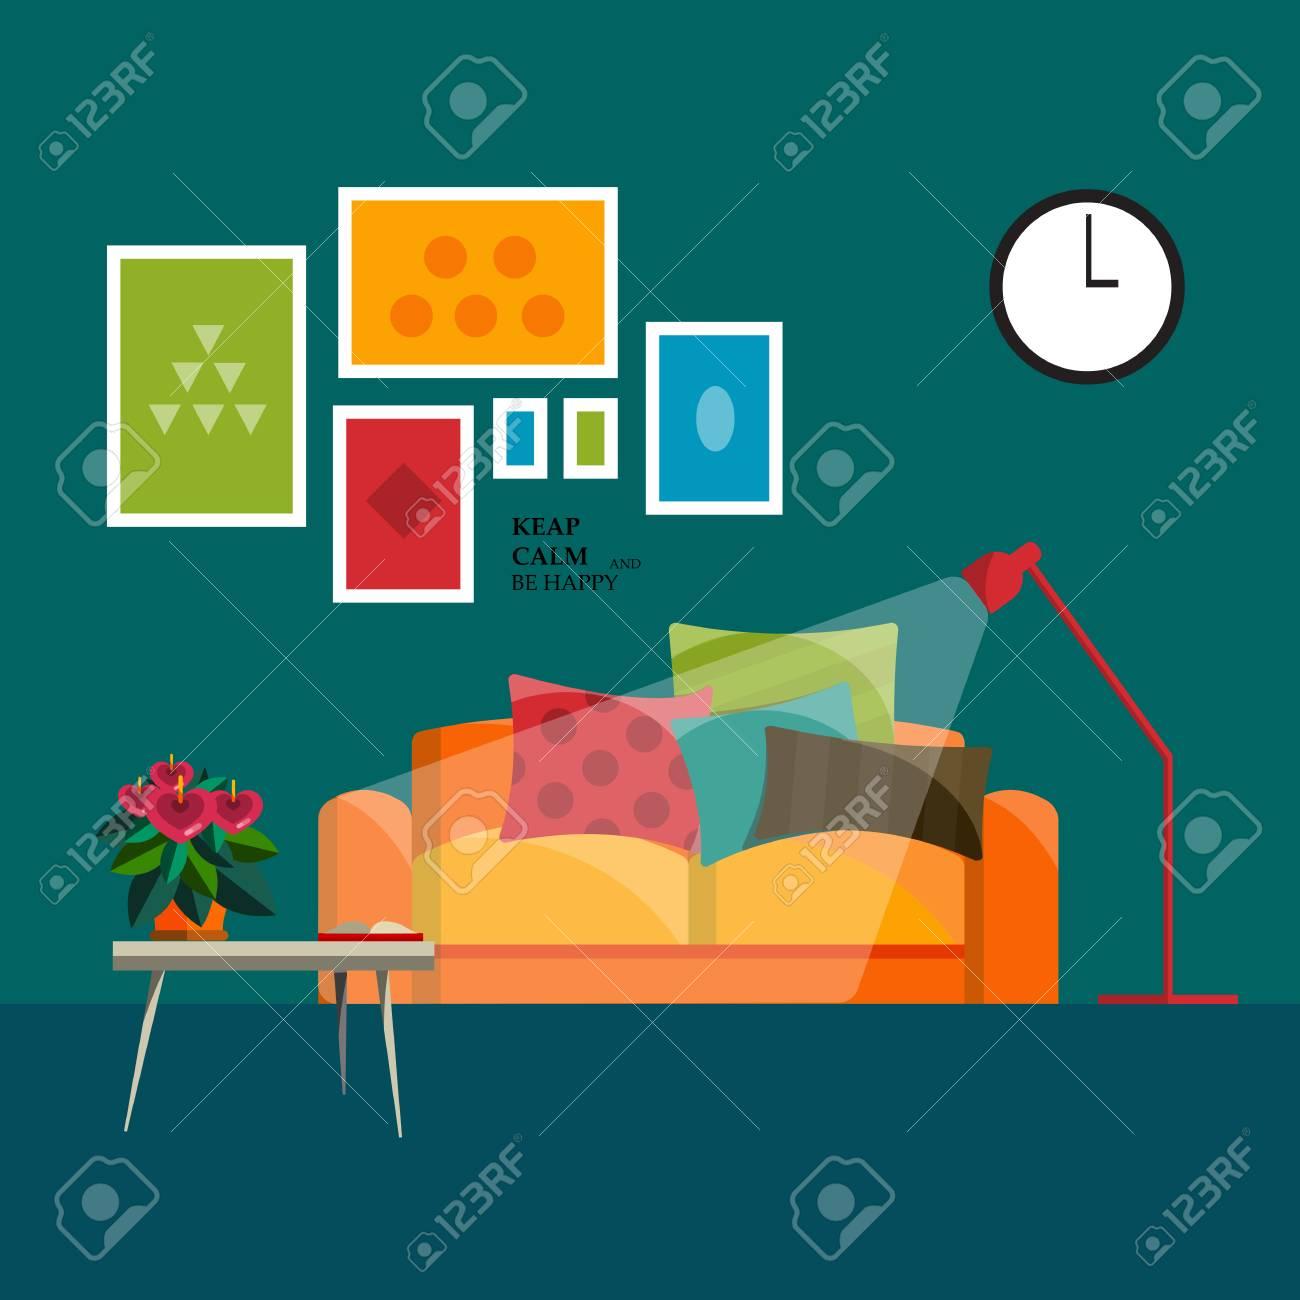 Möbel Für Wohnzimmer. Wohnzimmer In Flachen Stil. Konzept Für Wohnzimmer.  Wohnzimmer Interieur Set.